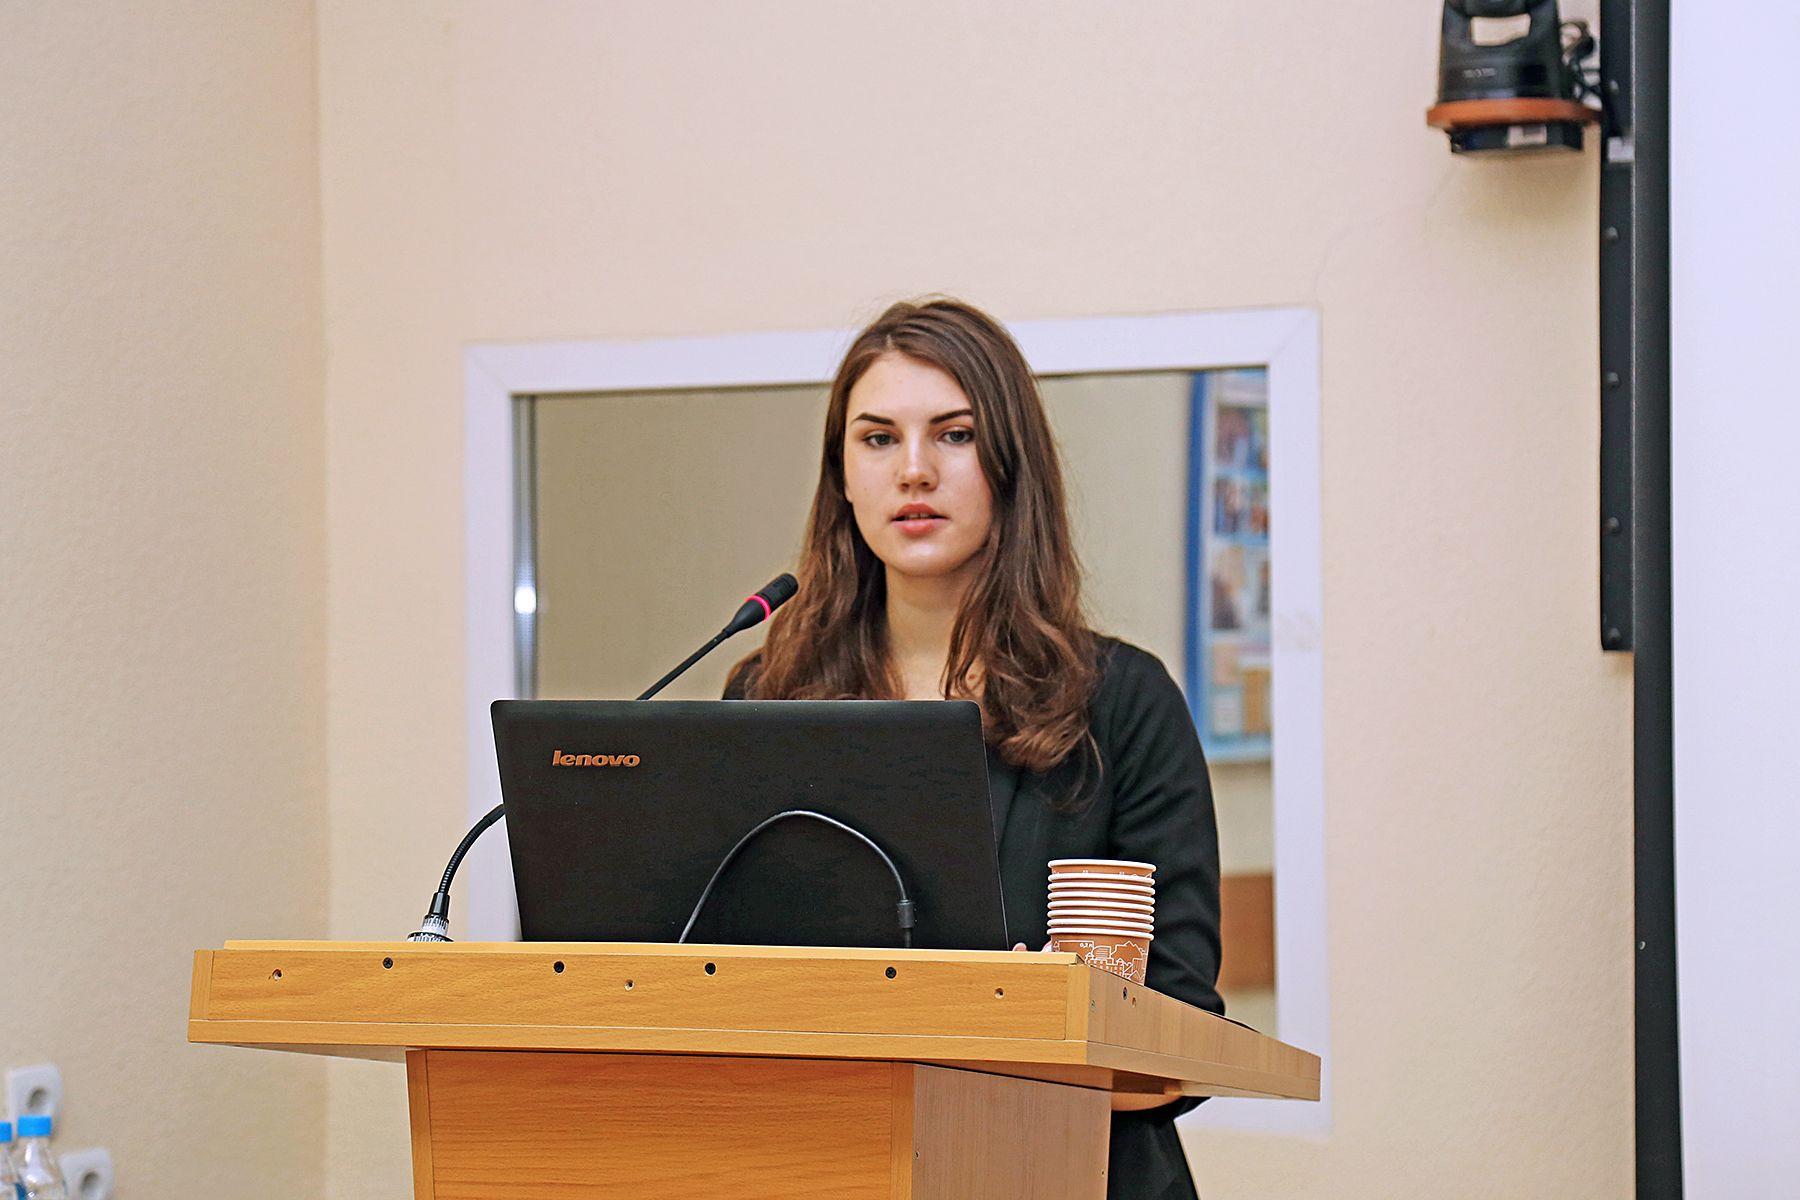 Подведены итоги проекта развития студенческой науки «Гранит науки» во ВГУЭС